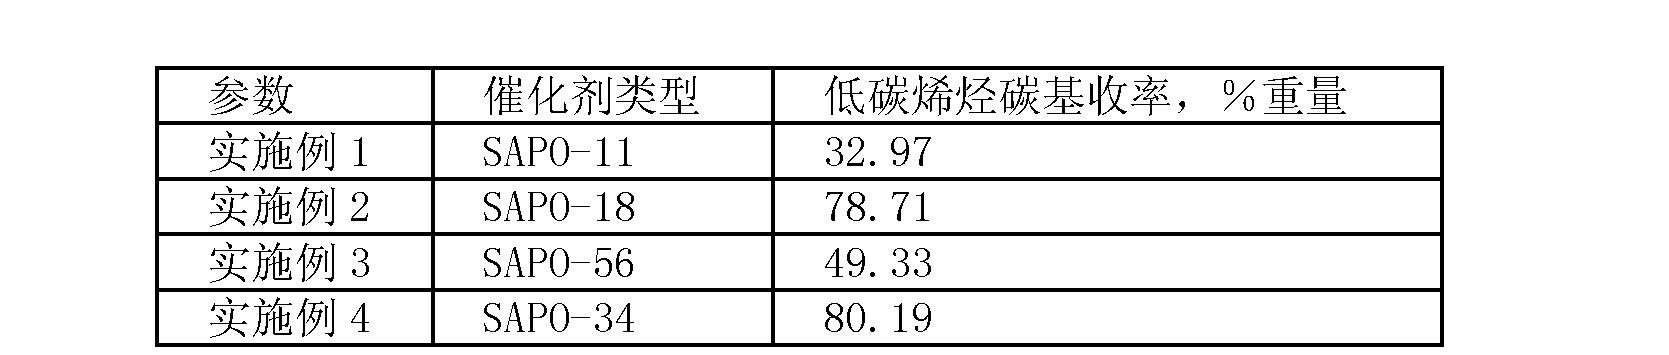 Figure CN101260015BD00051